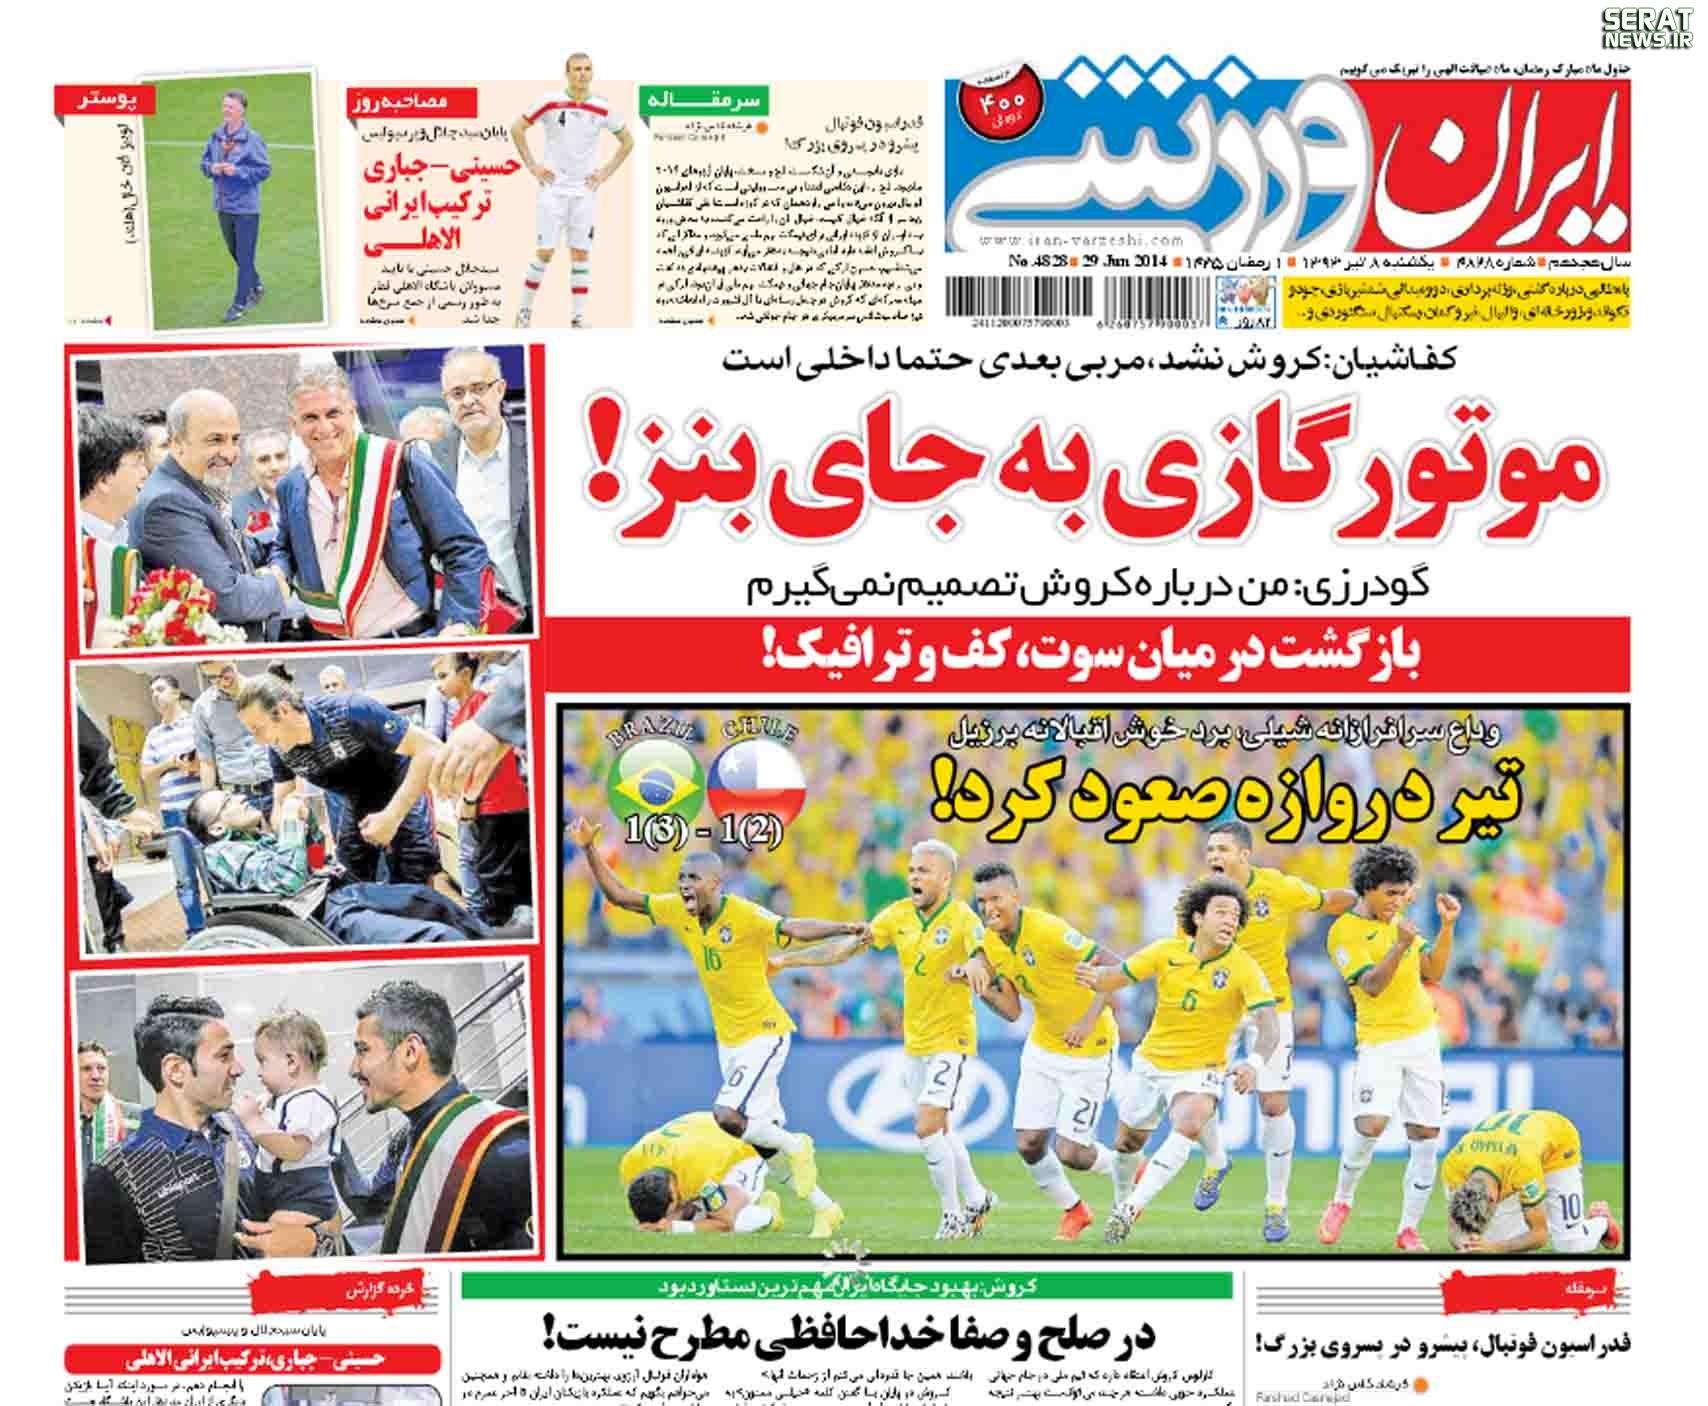 عکس/ توهین روزنامه دولت به مربیان ایرانی